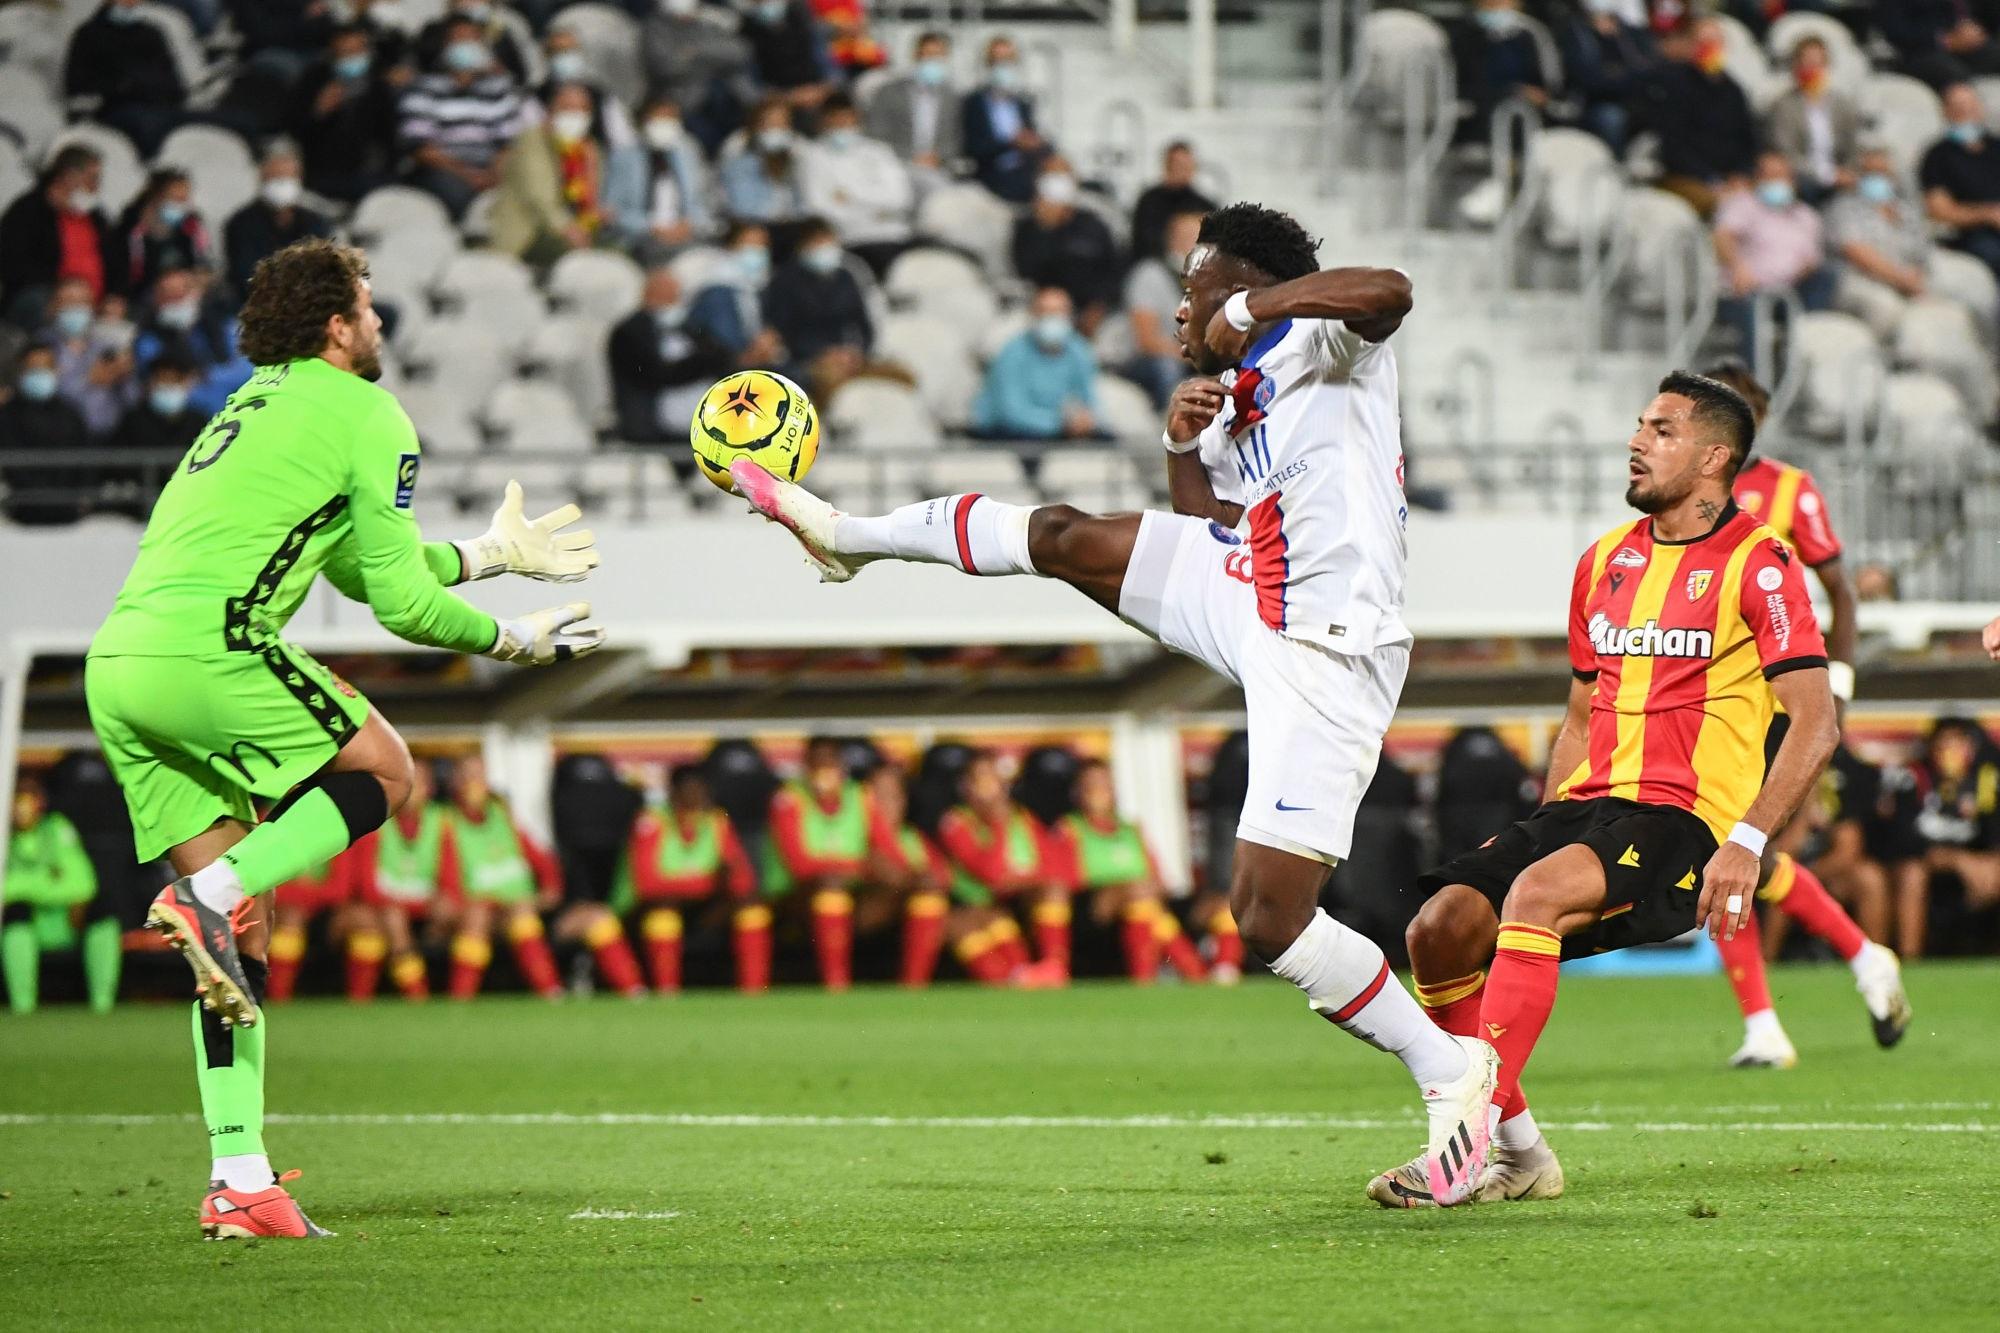 """Lens/PSG - Leca """"On ne va pas enlever la beauté de notre victoire."""""""